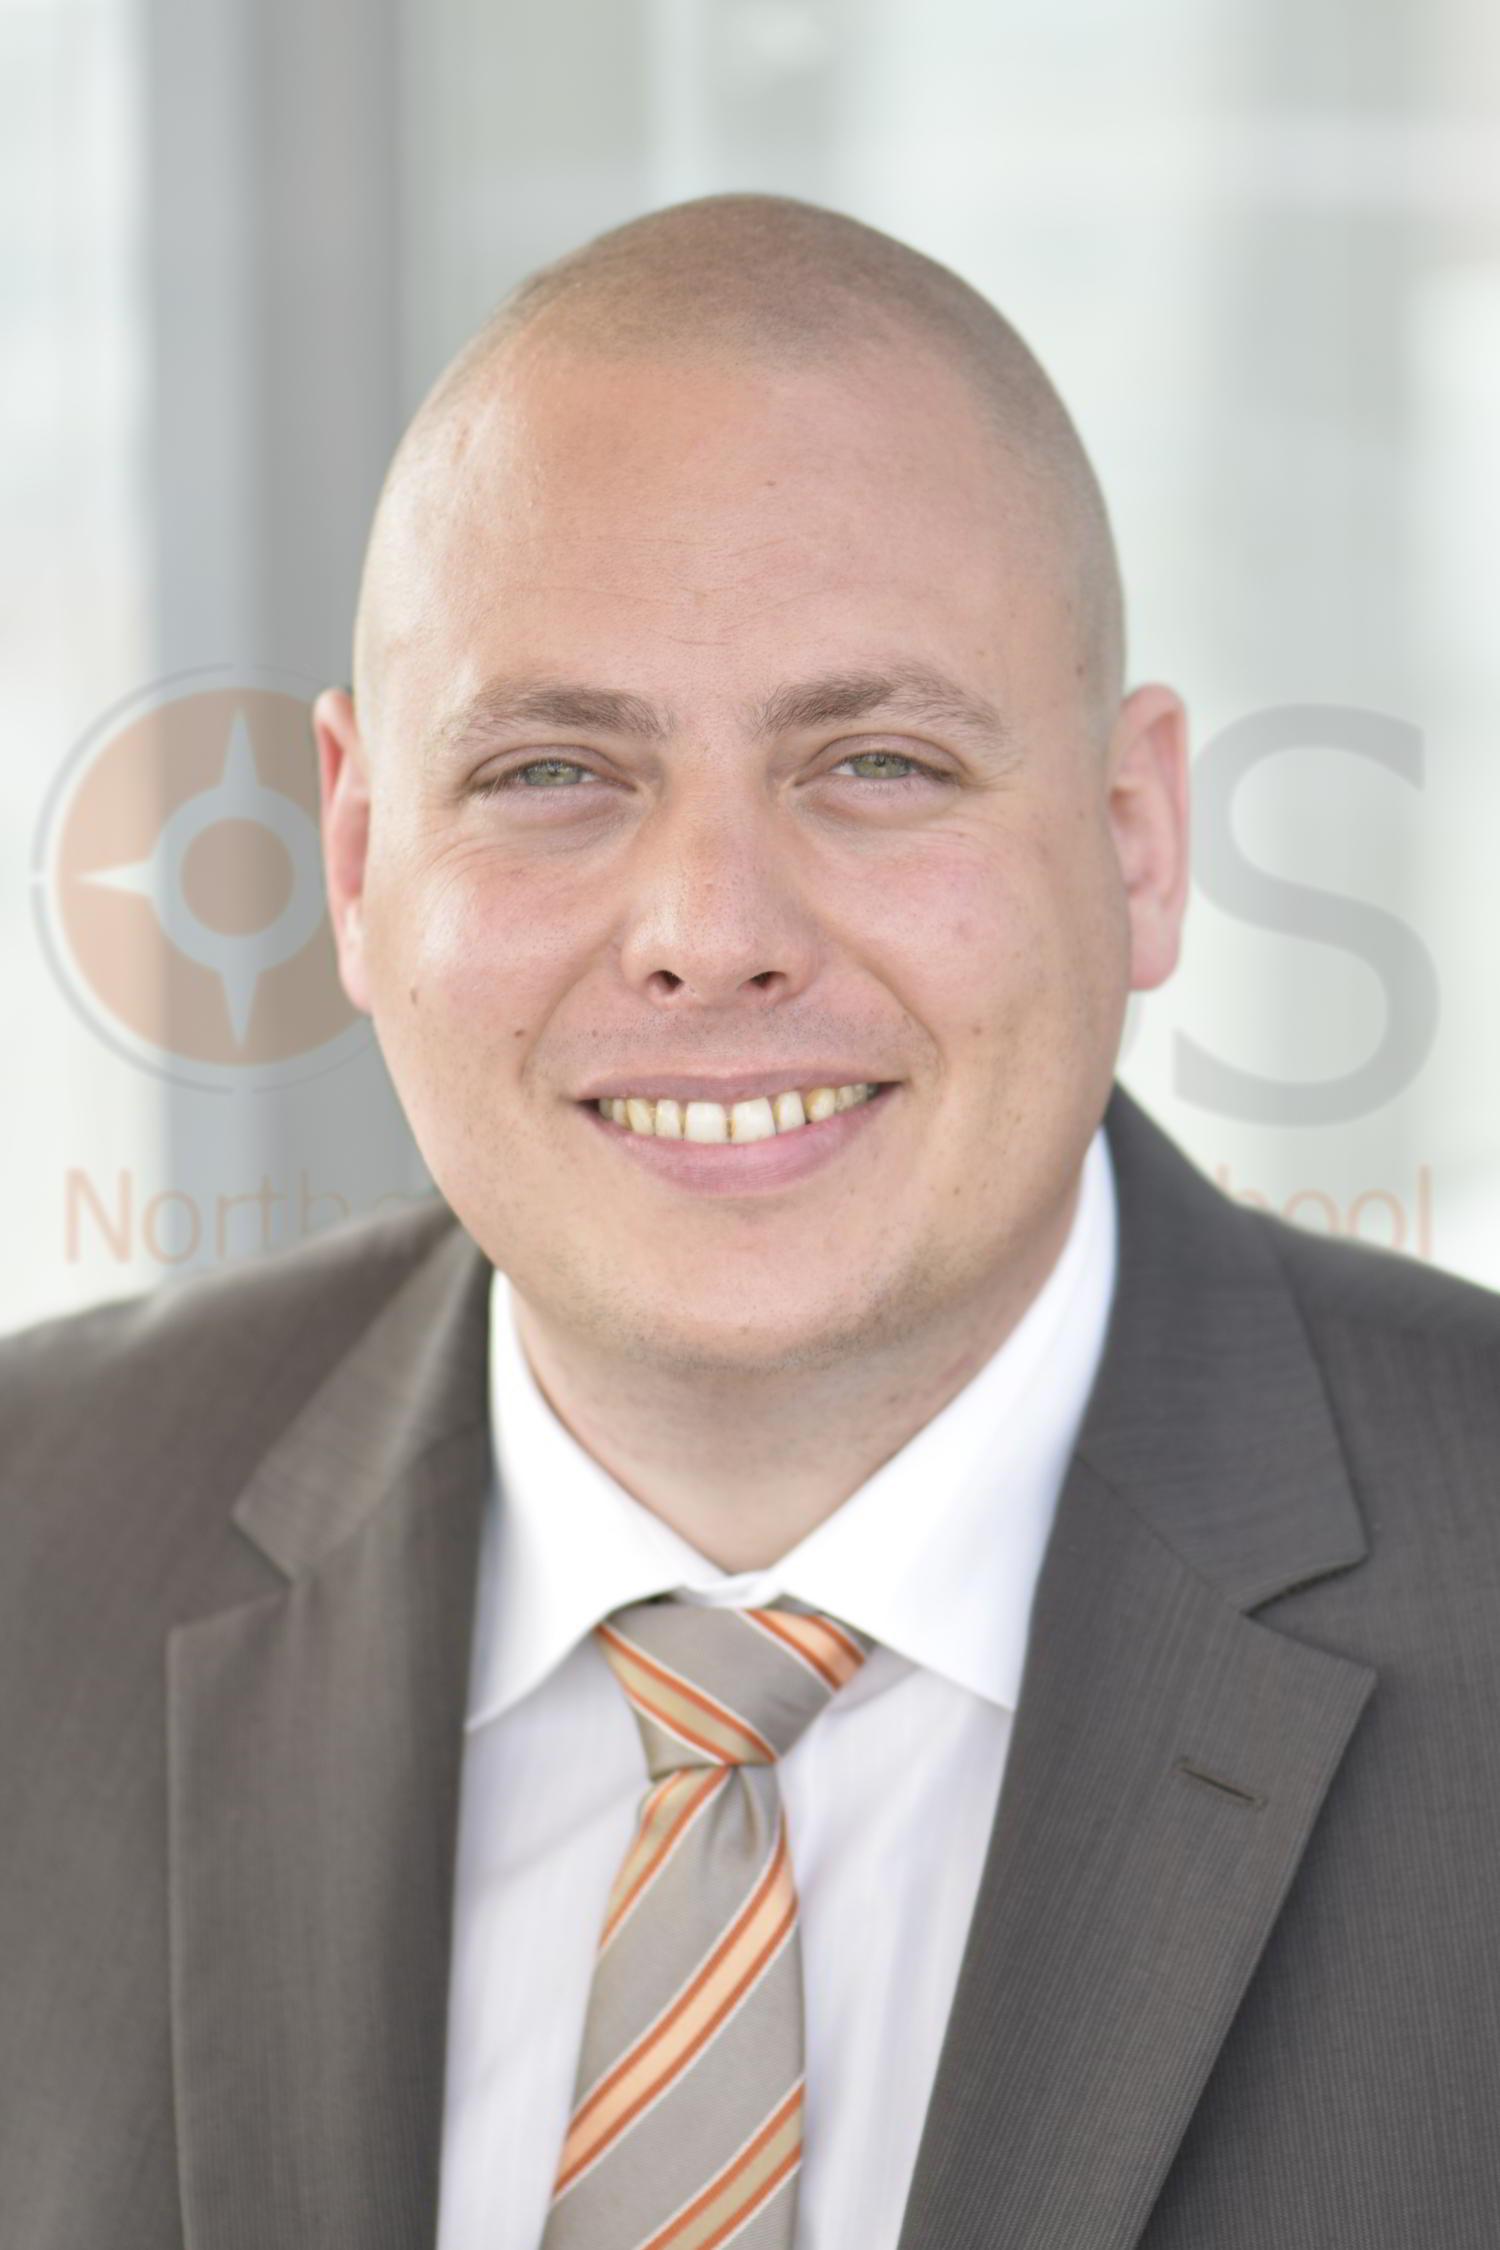 Prof. Dr. Andreas Del Re